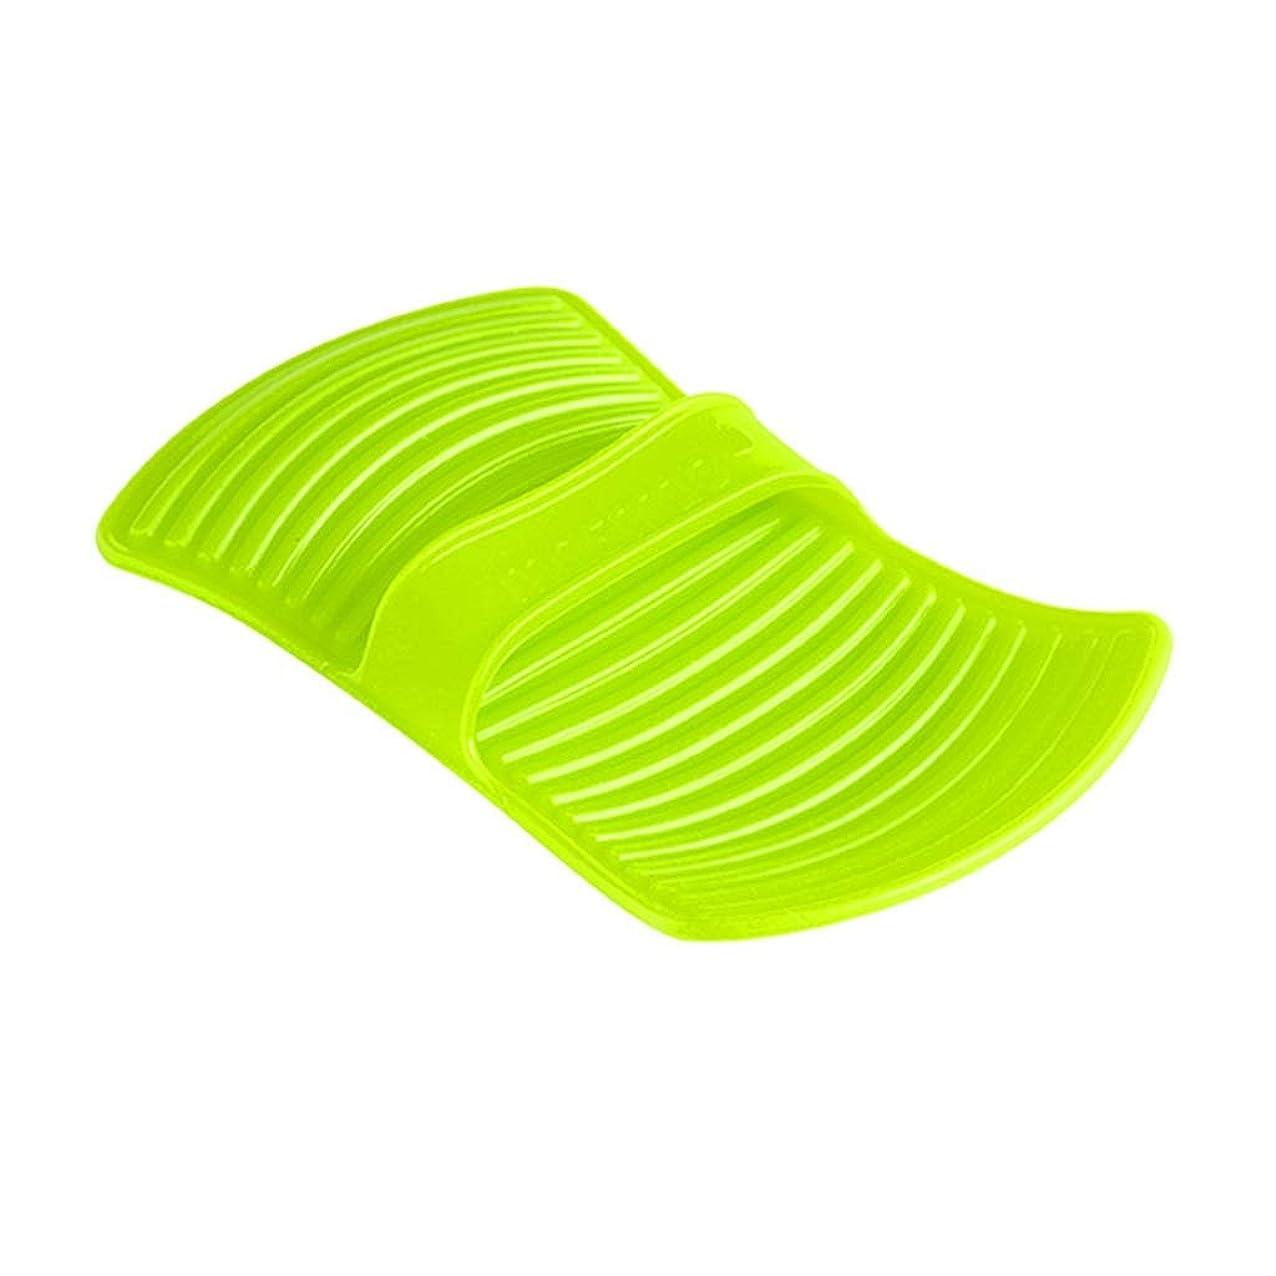 複雑でない機関破壊LIUXIN シリコーン断熱材不凍液手袋高温焼け防止手袋家庭用ベーキング手袋滑り止め11.7 * 20.5センチグリーン×1 ゴム手袋